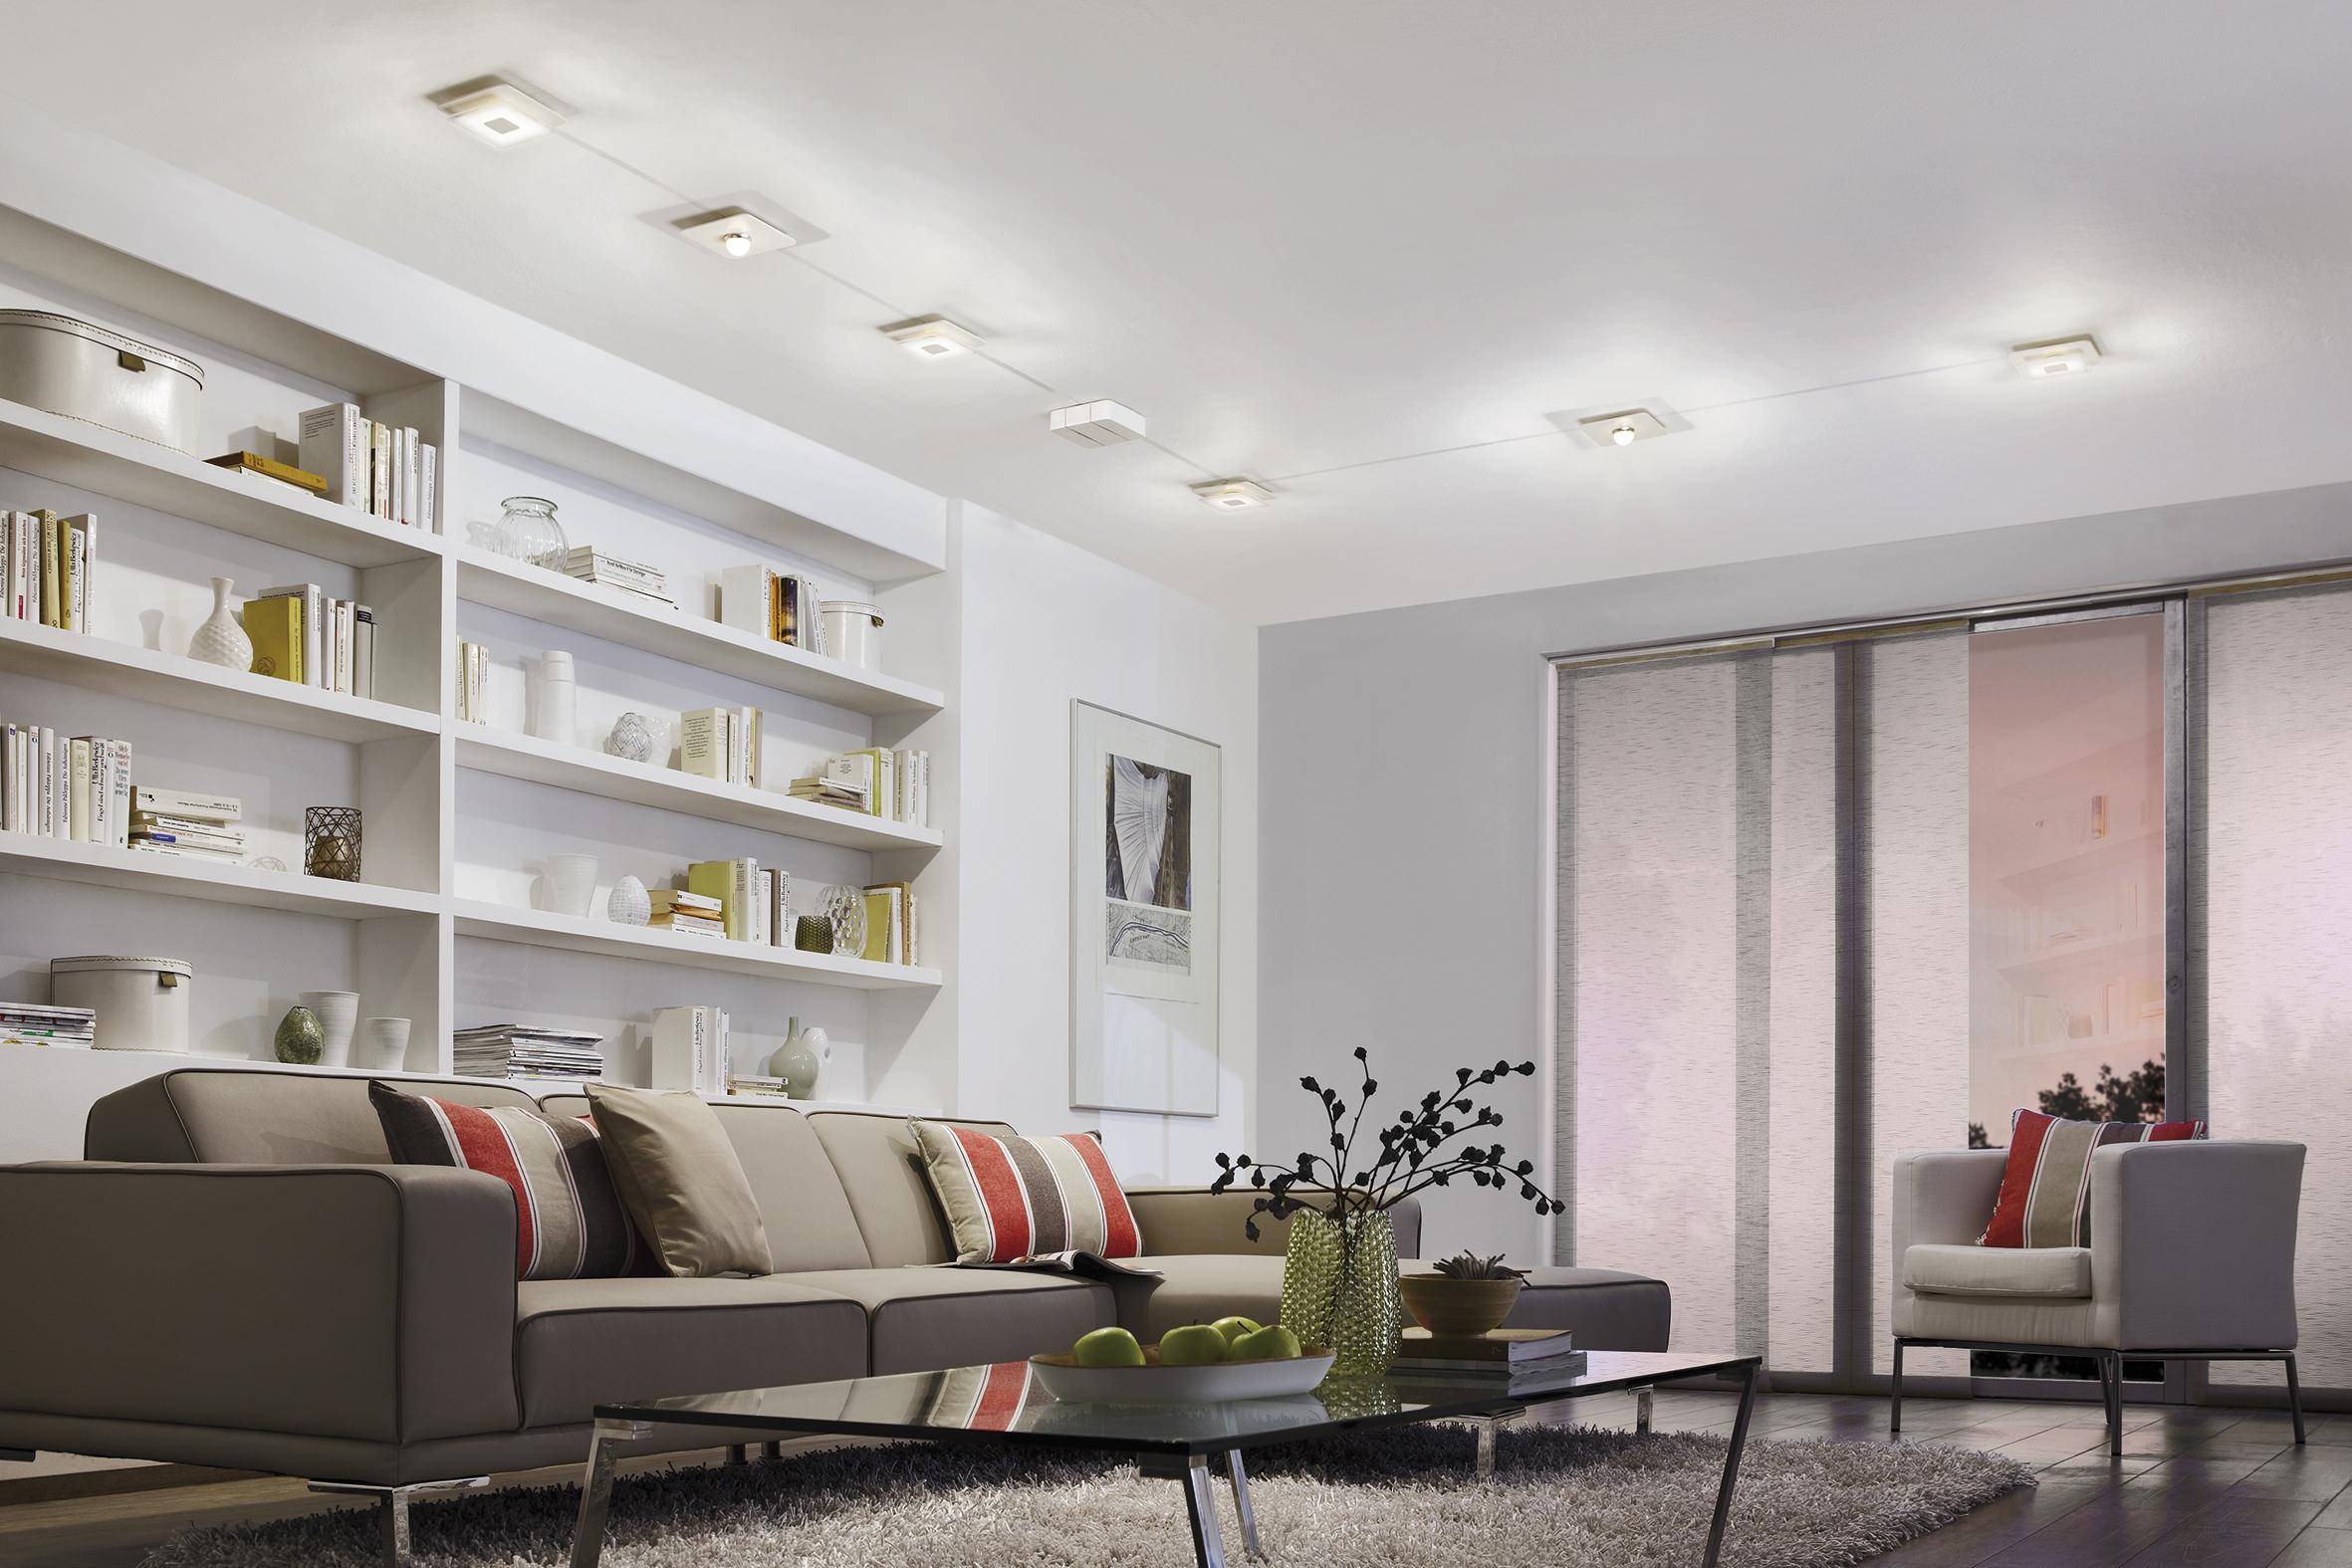 PadLED – Das LED Lichtsystem mit Wireless Effekt